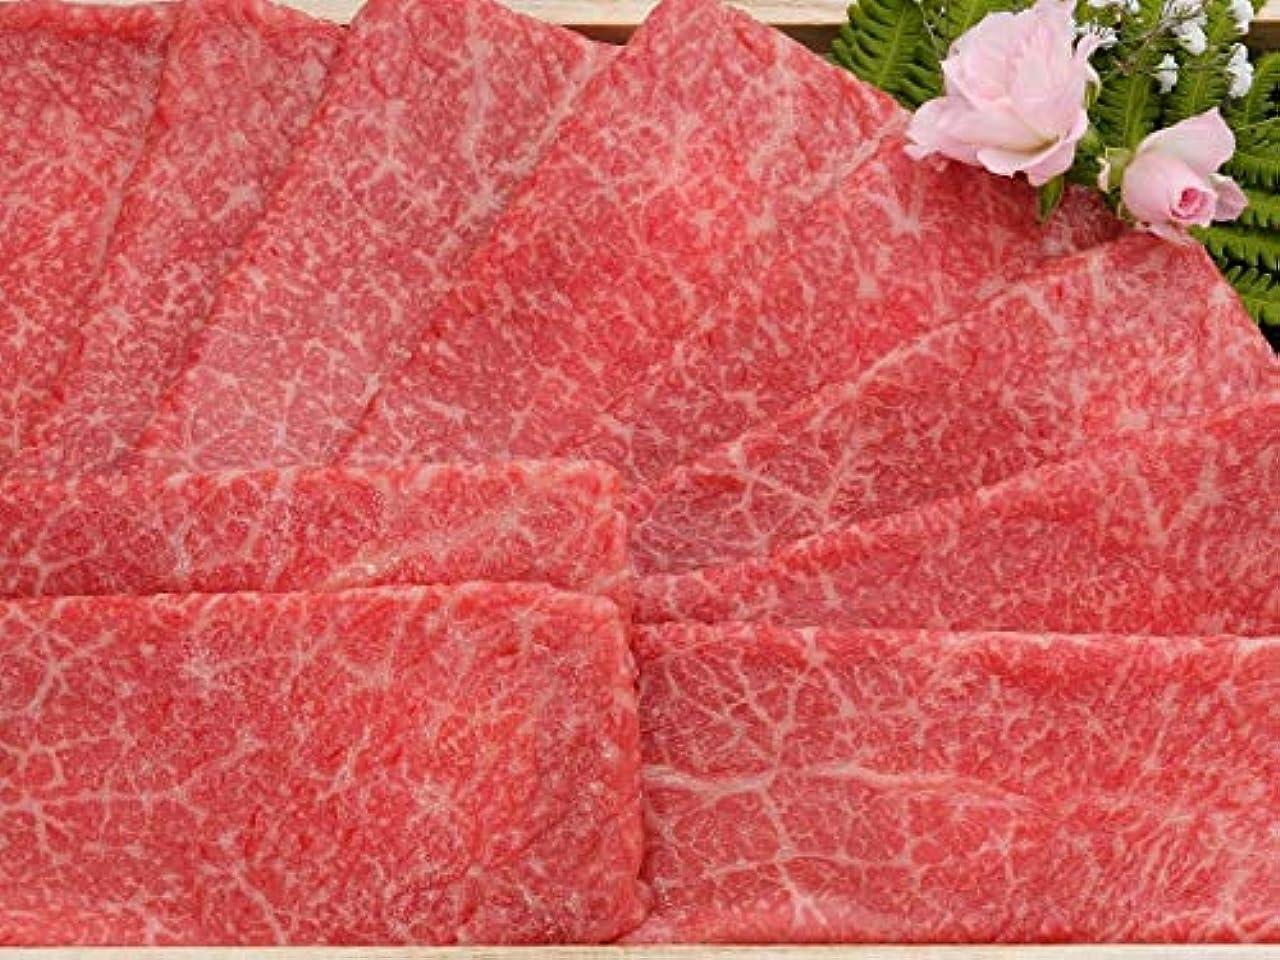 開示する司教植生【米沢牛卸 肉の上杉】 米沢牛赤身 しゃぶしゃぶ用 800g ギフト用桐箱仕様